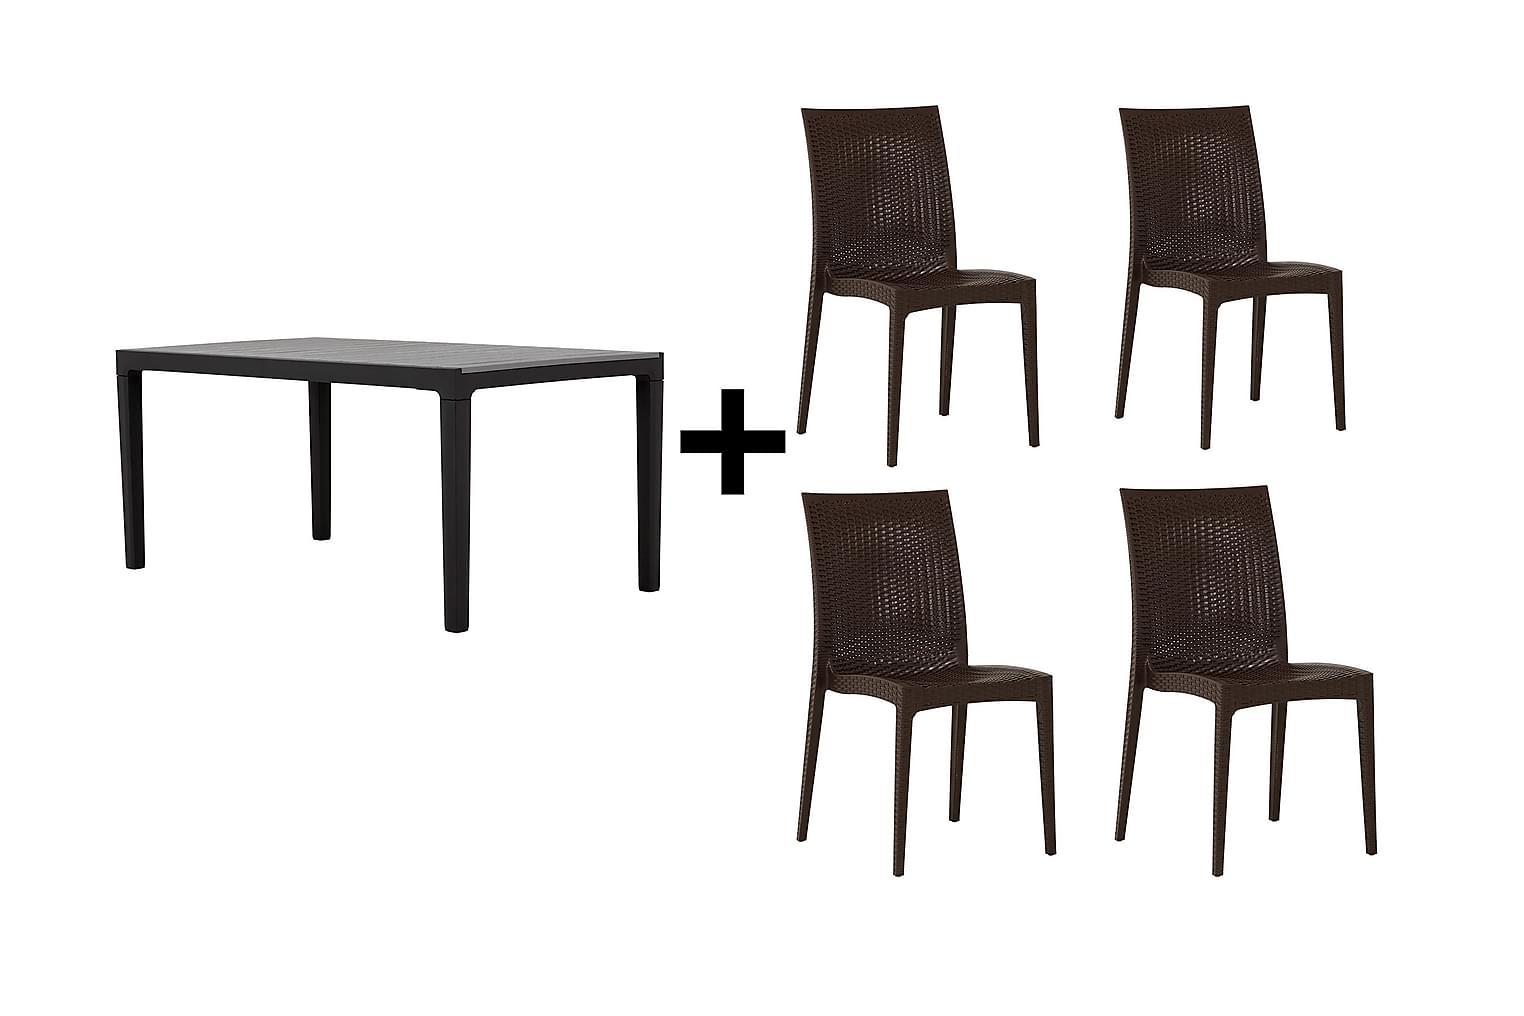 BILBAO Pöytä 160 Harmaa/Musta + 4 LEORA Tuolia Ruskea